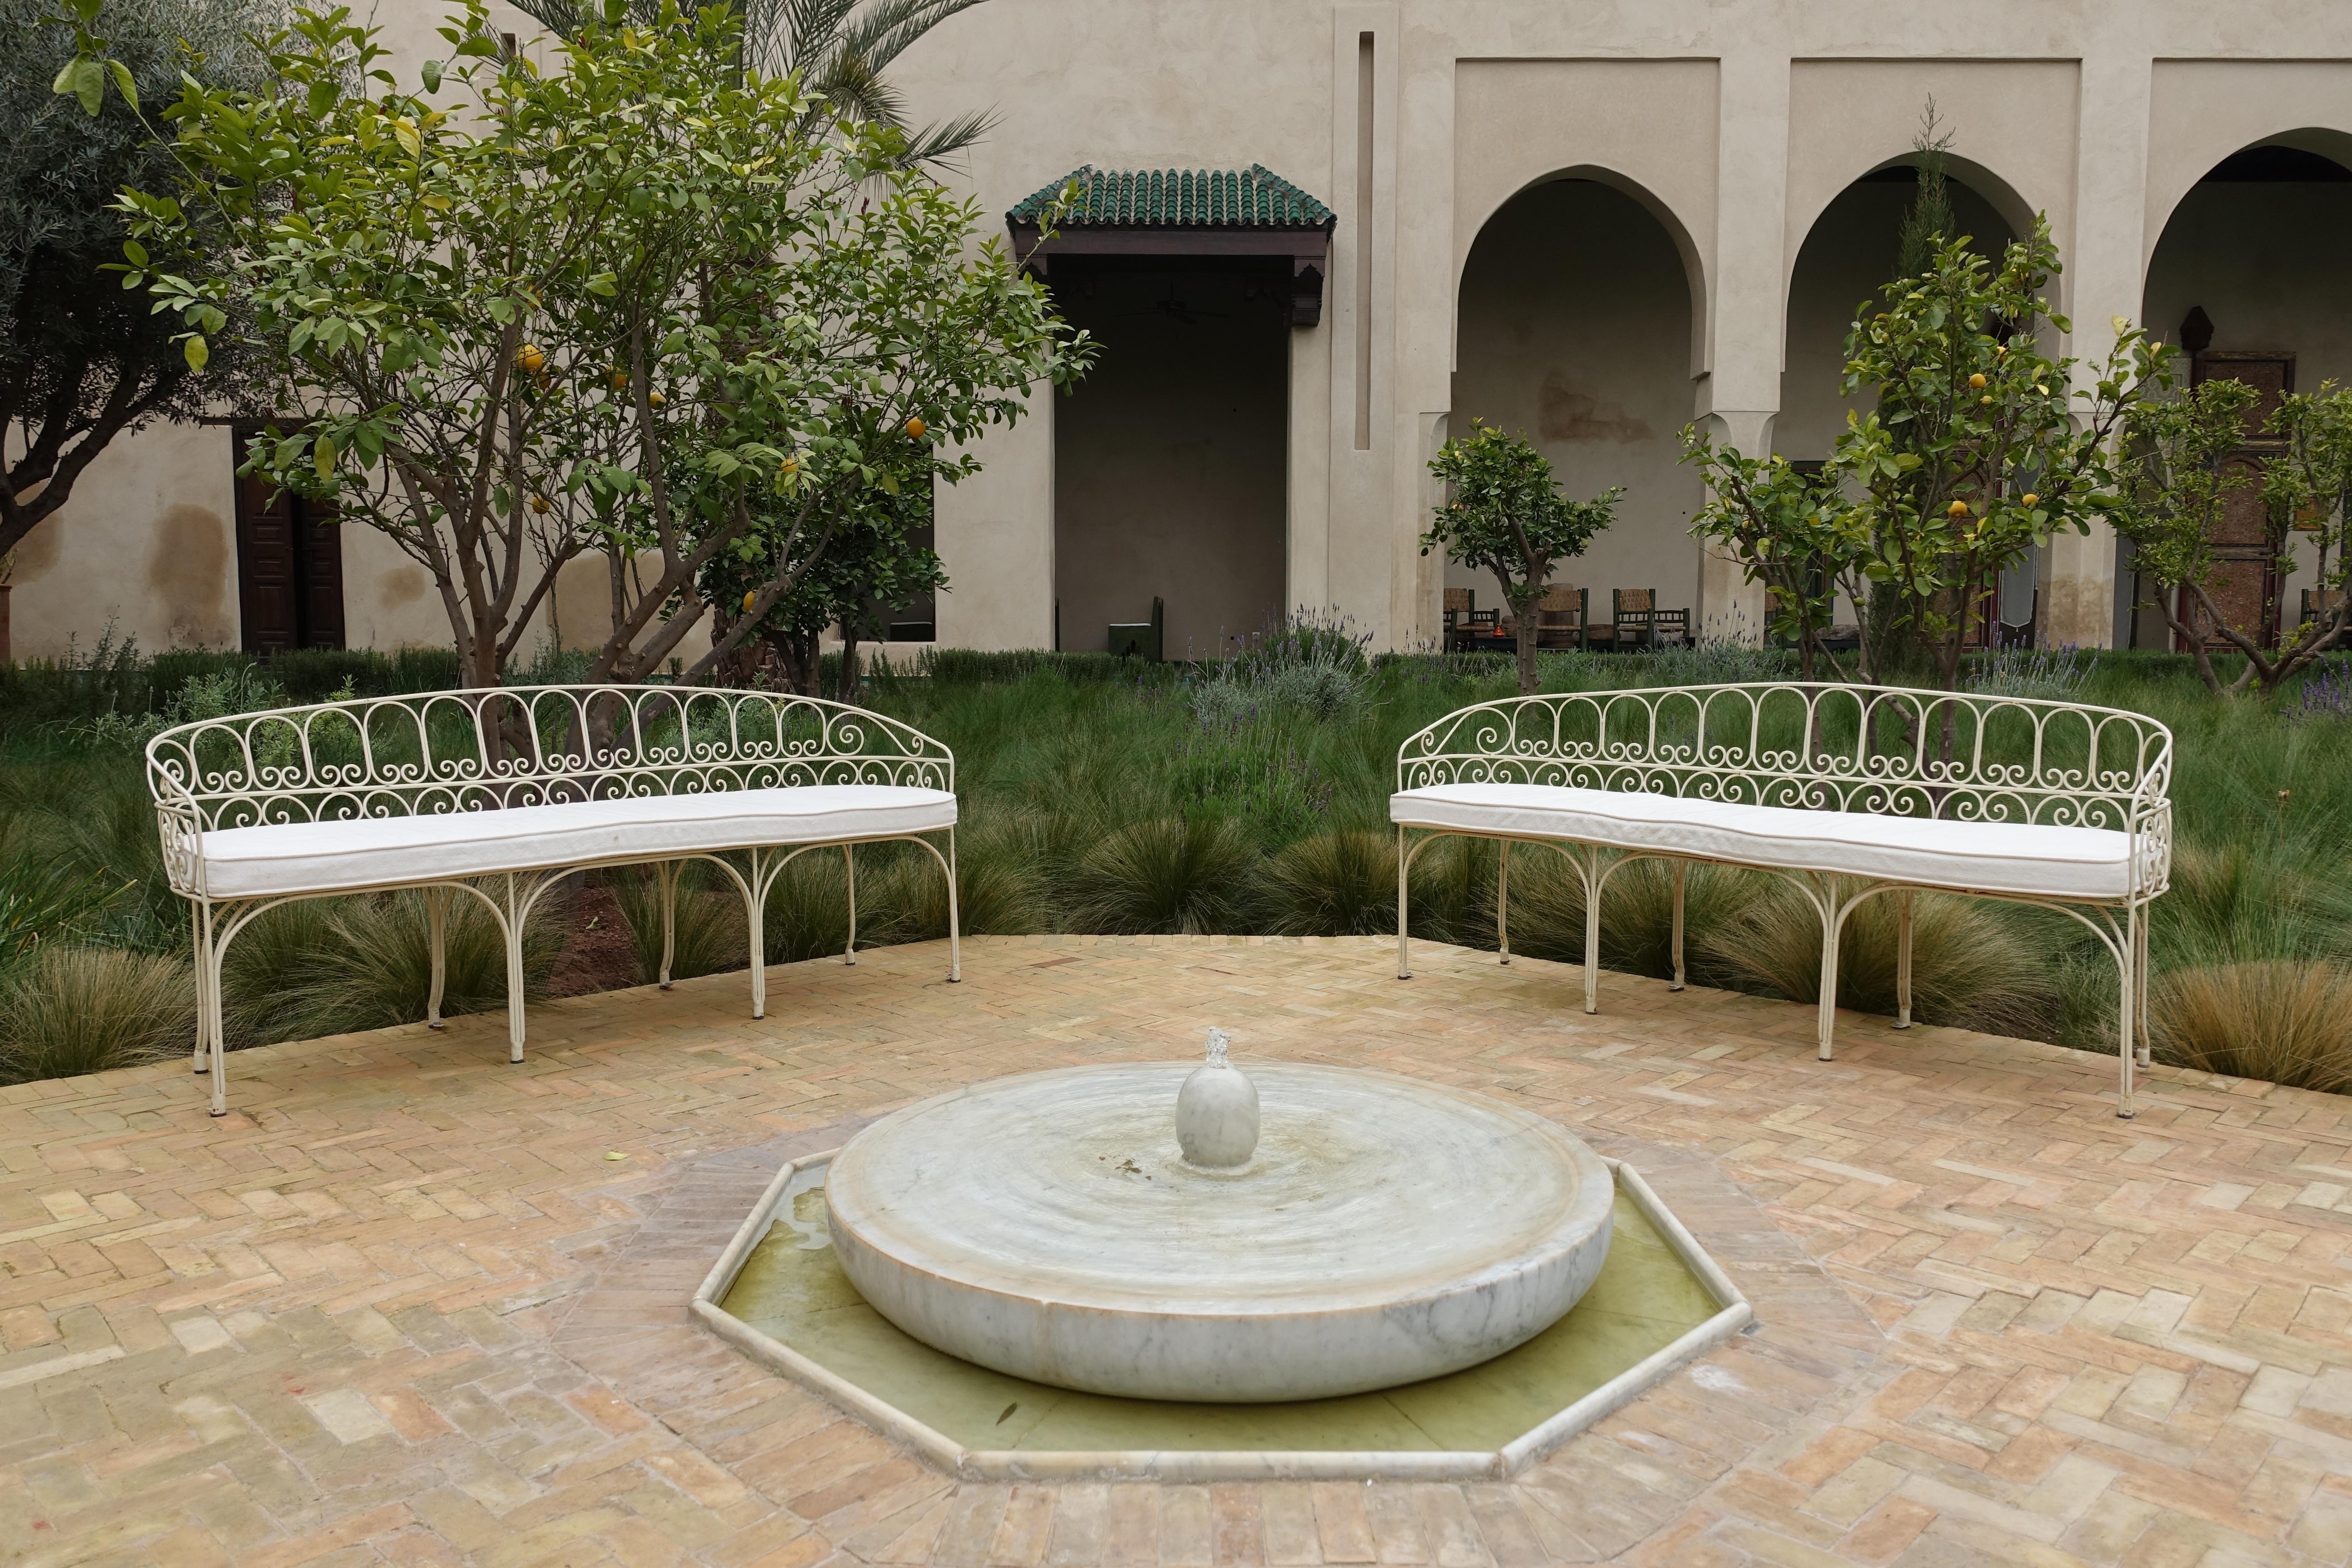 Le jardin secret marrakech duver diary for Le jardin secret marrakech